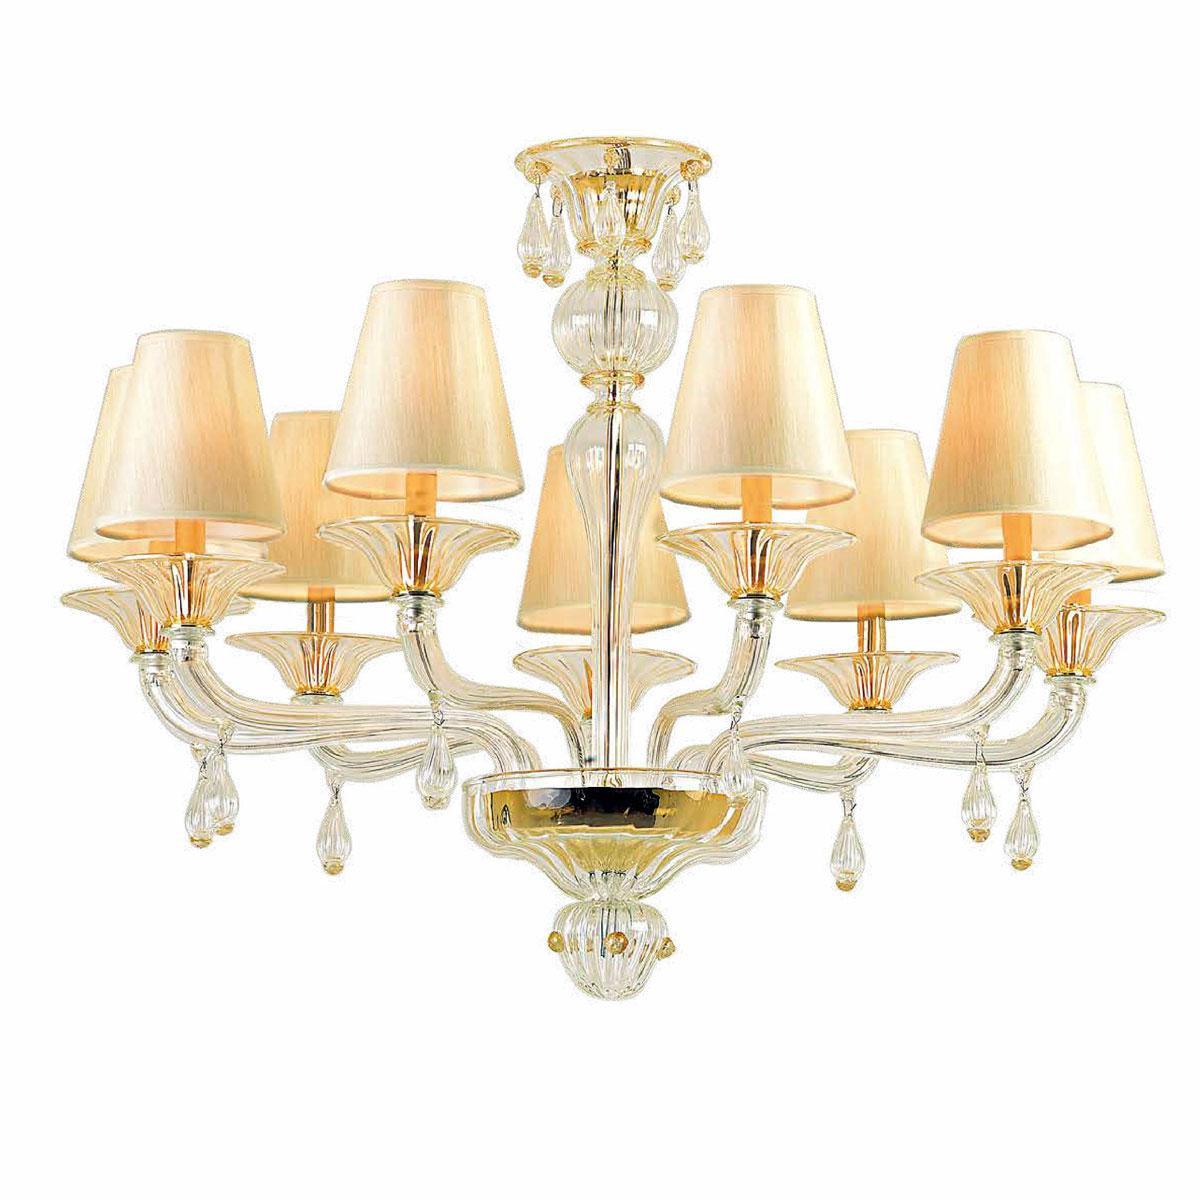 """""""Vernice"""" lampara de araña de Murano - 9 luces - transparente y oro"""